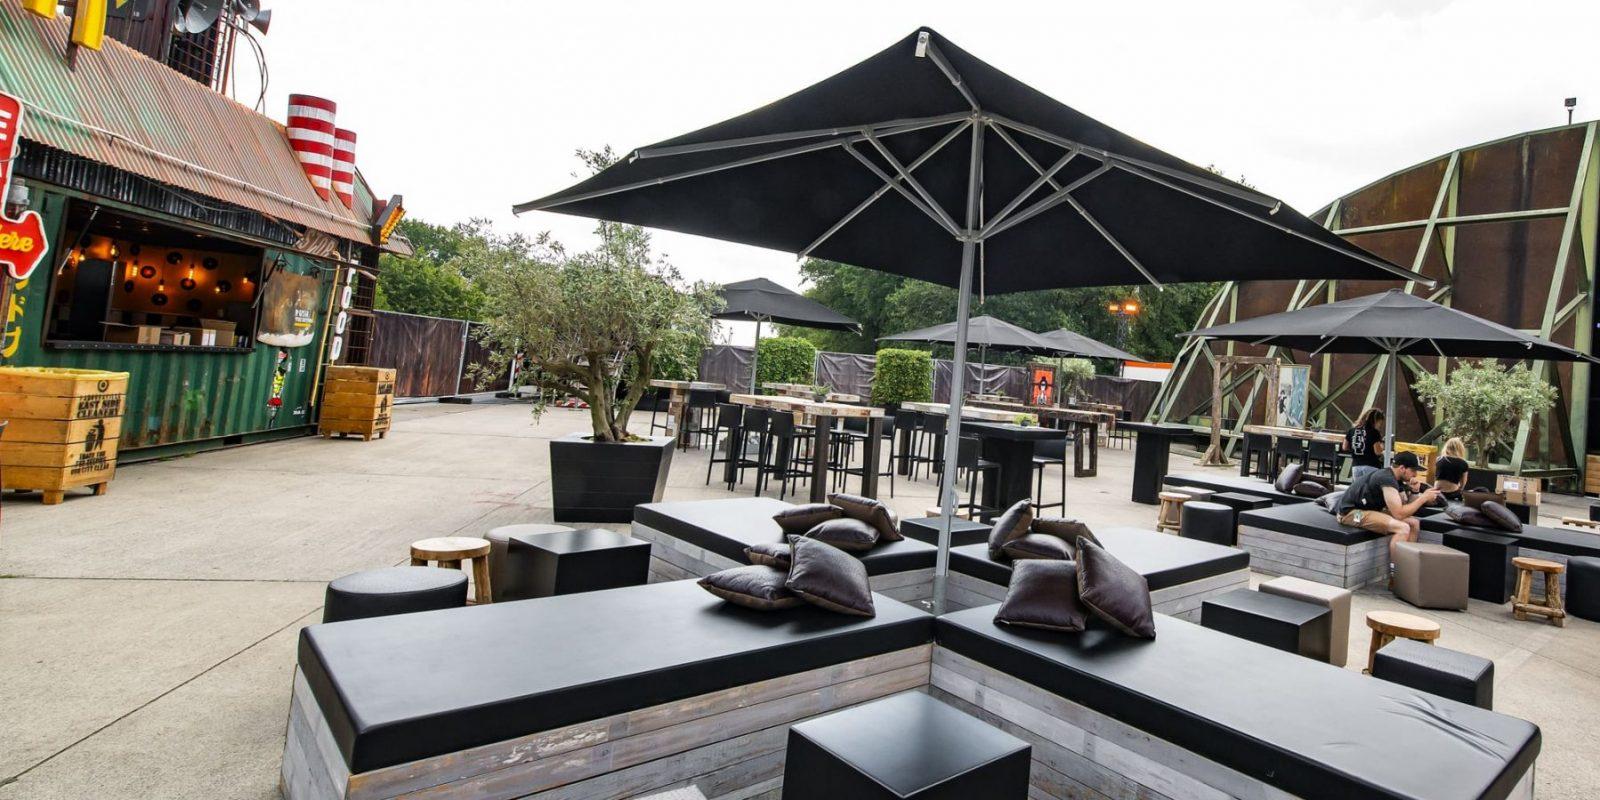 Bas de Boer - Eventstyling Parookaville Festival 2019 : Artistvillage : outdoormöbel : Sonnenschirm : Loungemöbel www.basdeboer-eventstyling.de - 059